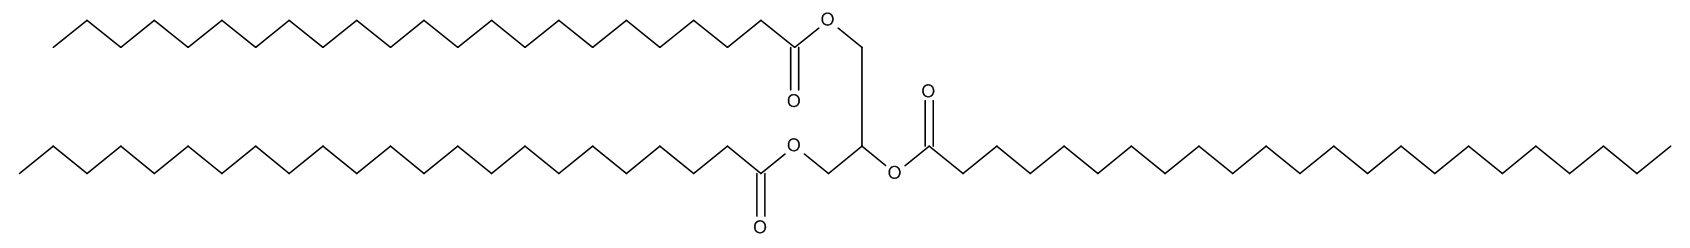 Tritricosanoin